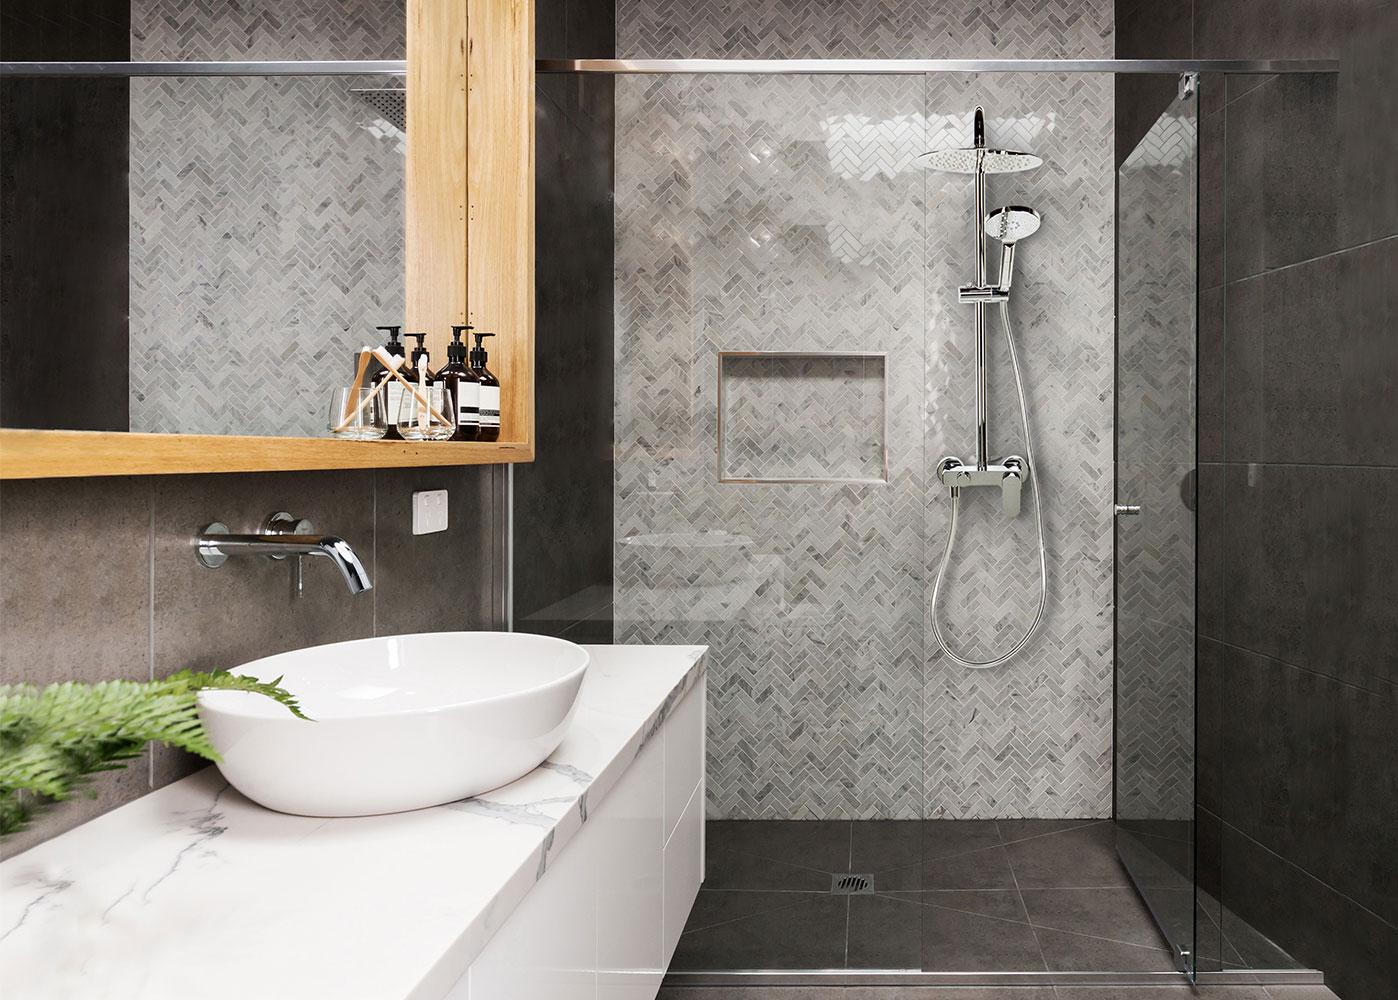 LB55700-showersk-arlen-dizajn